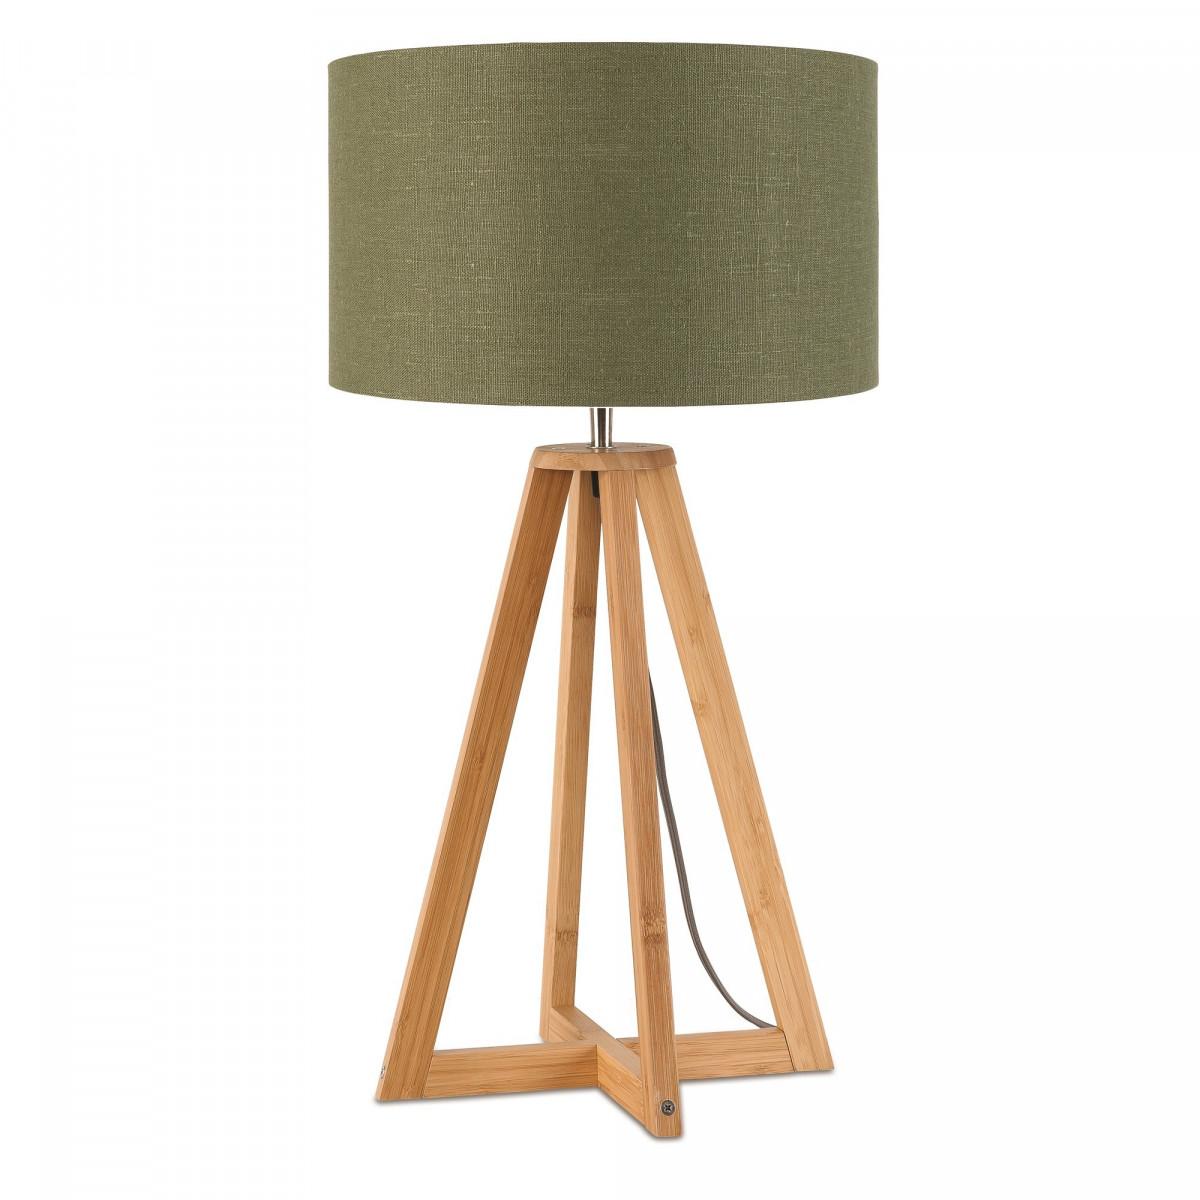 Lampe de table Everest en lin et bambou Vert forêtw